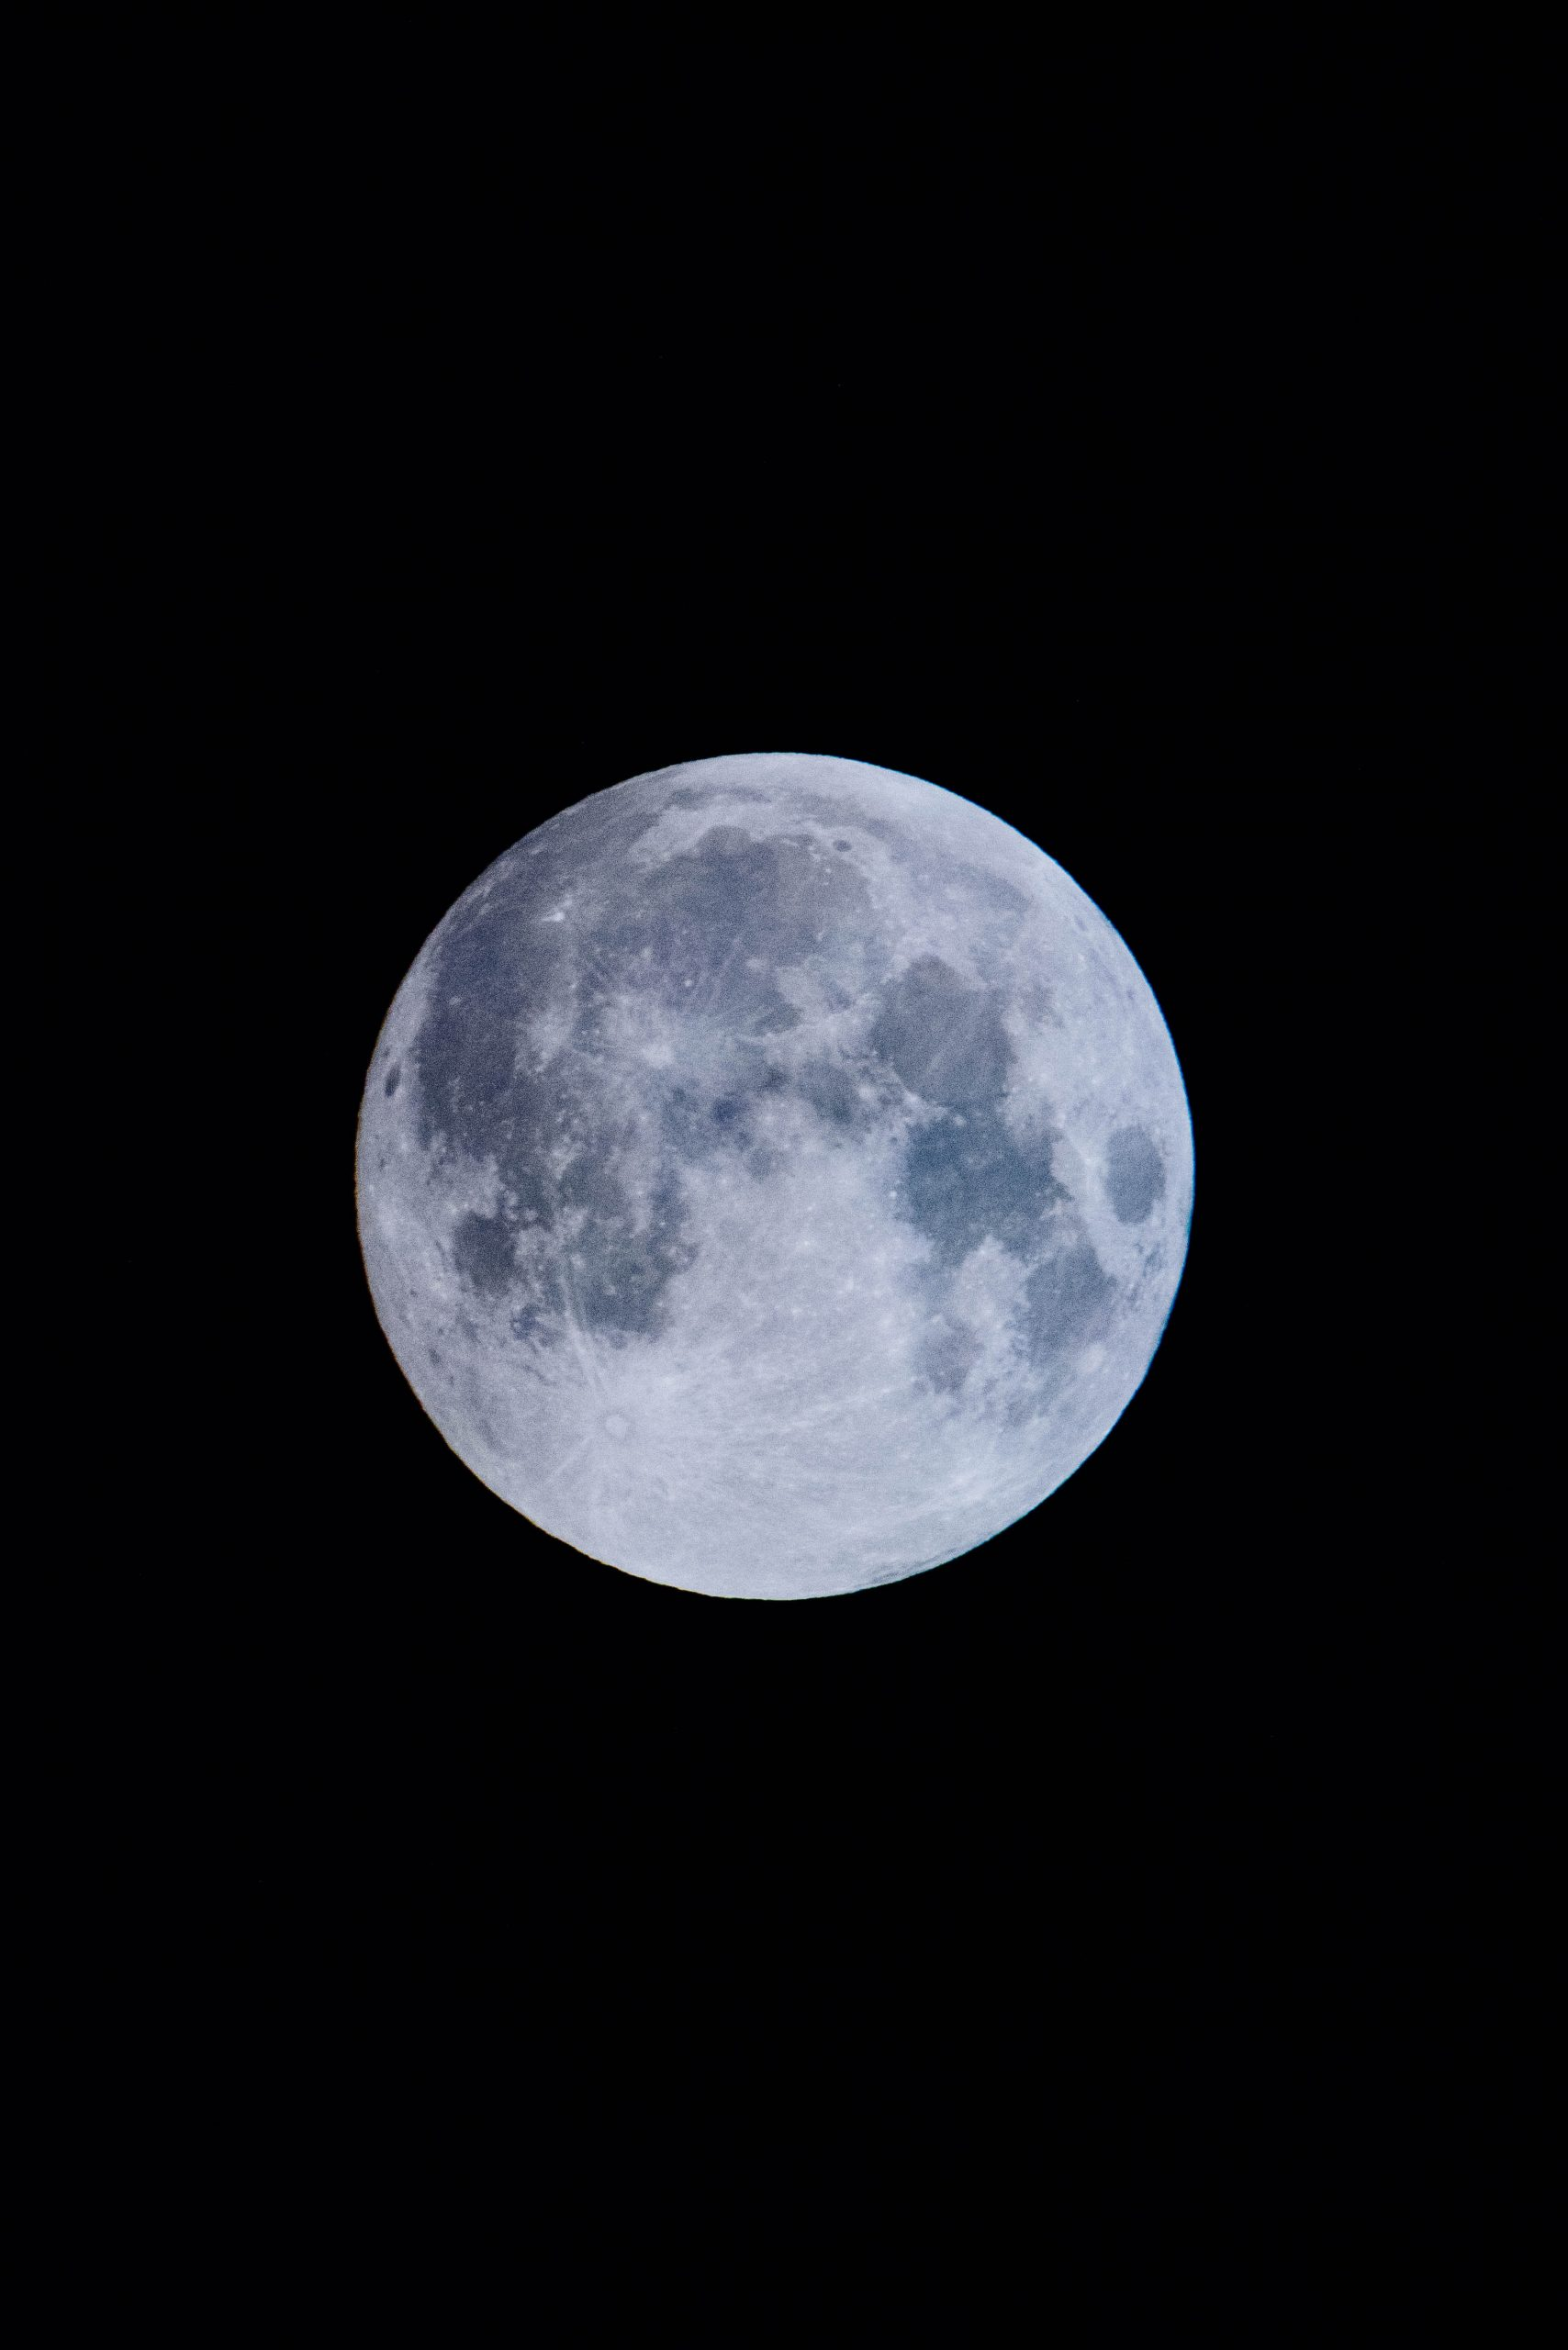 Come la luna piena